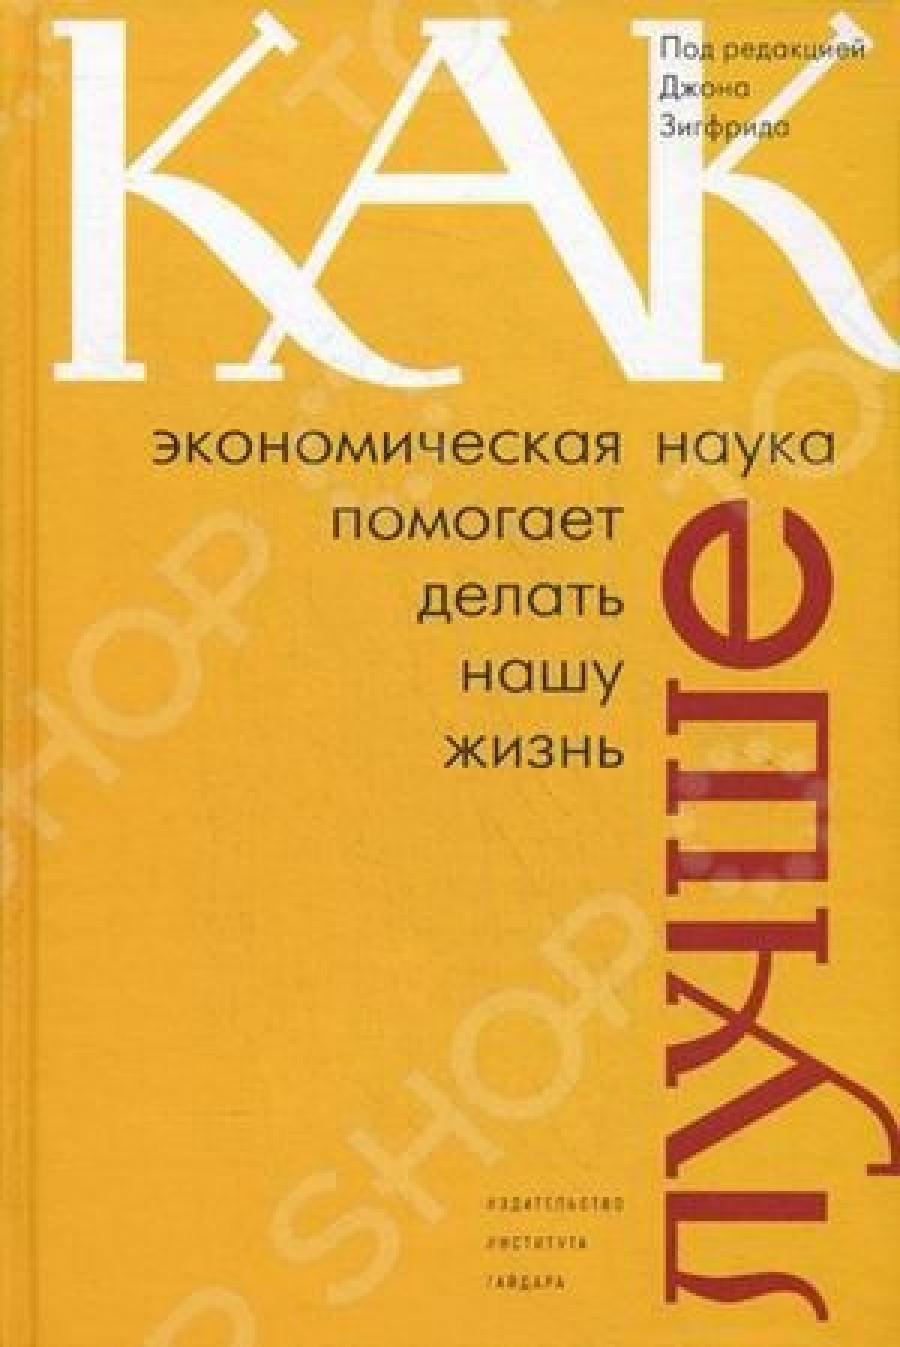 Обложка книги:  зигфрид д. дж. - как экономическая наука помогает делать нашу жизнь лучше